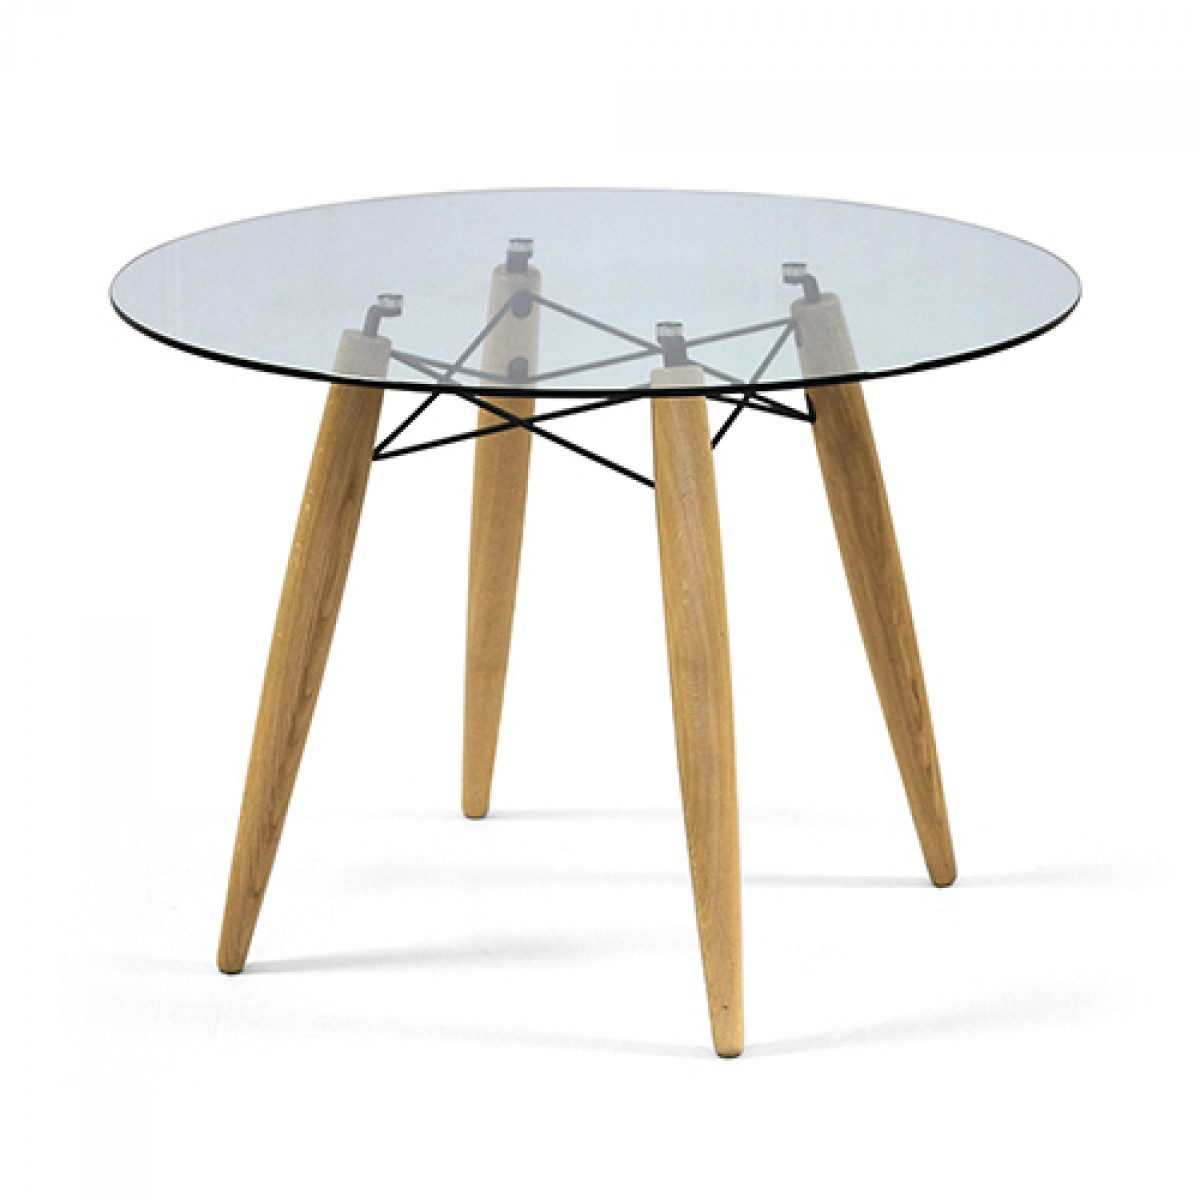 tisch rund glas tischplatte esstisch rund glas tisch. Black Bedroom Furniture Sets. Home Design Ideas